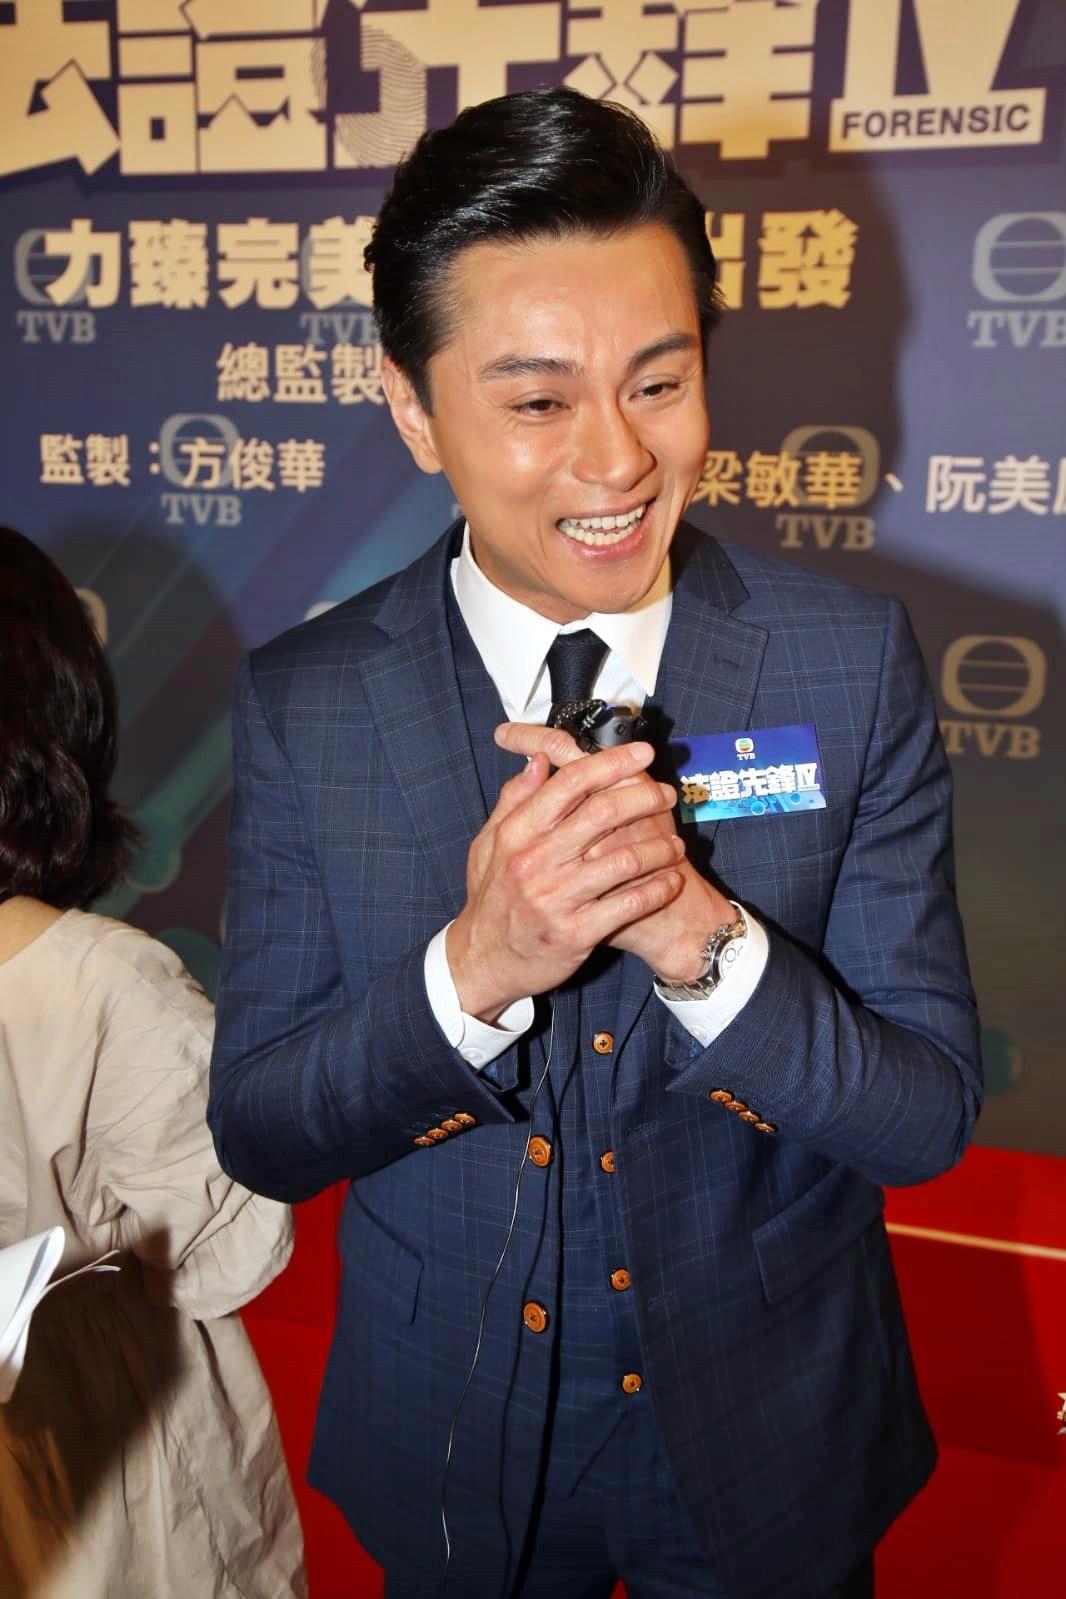 黃浩然表示最擔心付出努力的劇集不出街,慶幸公司重拍。